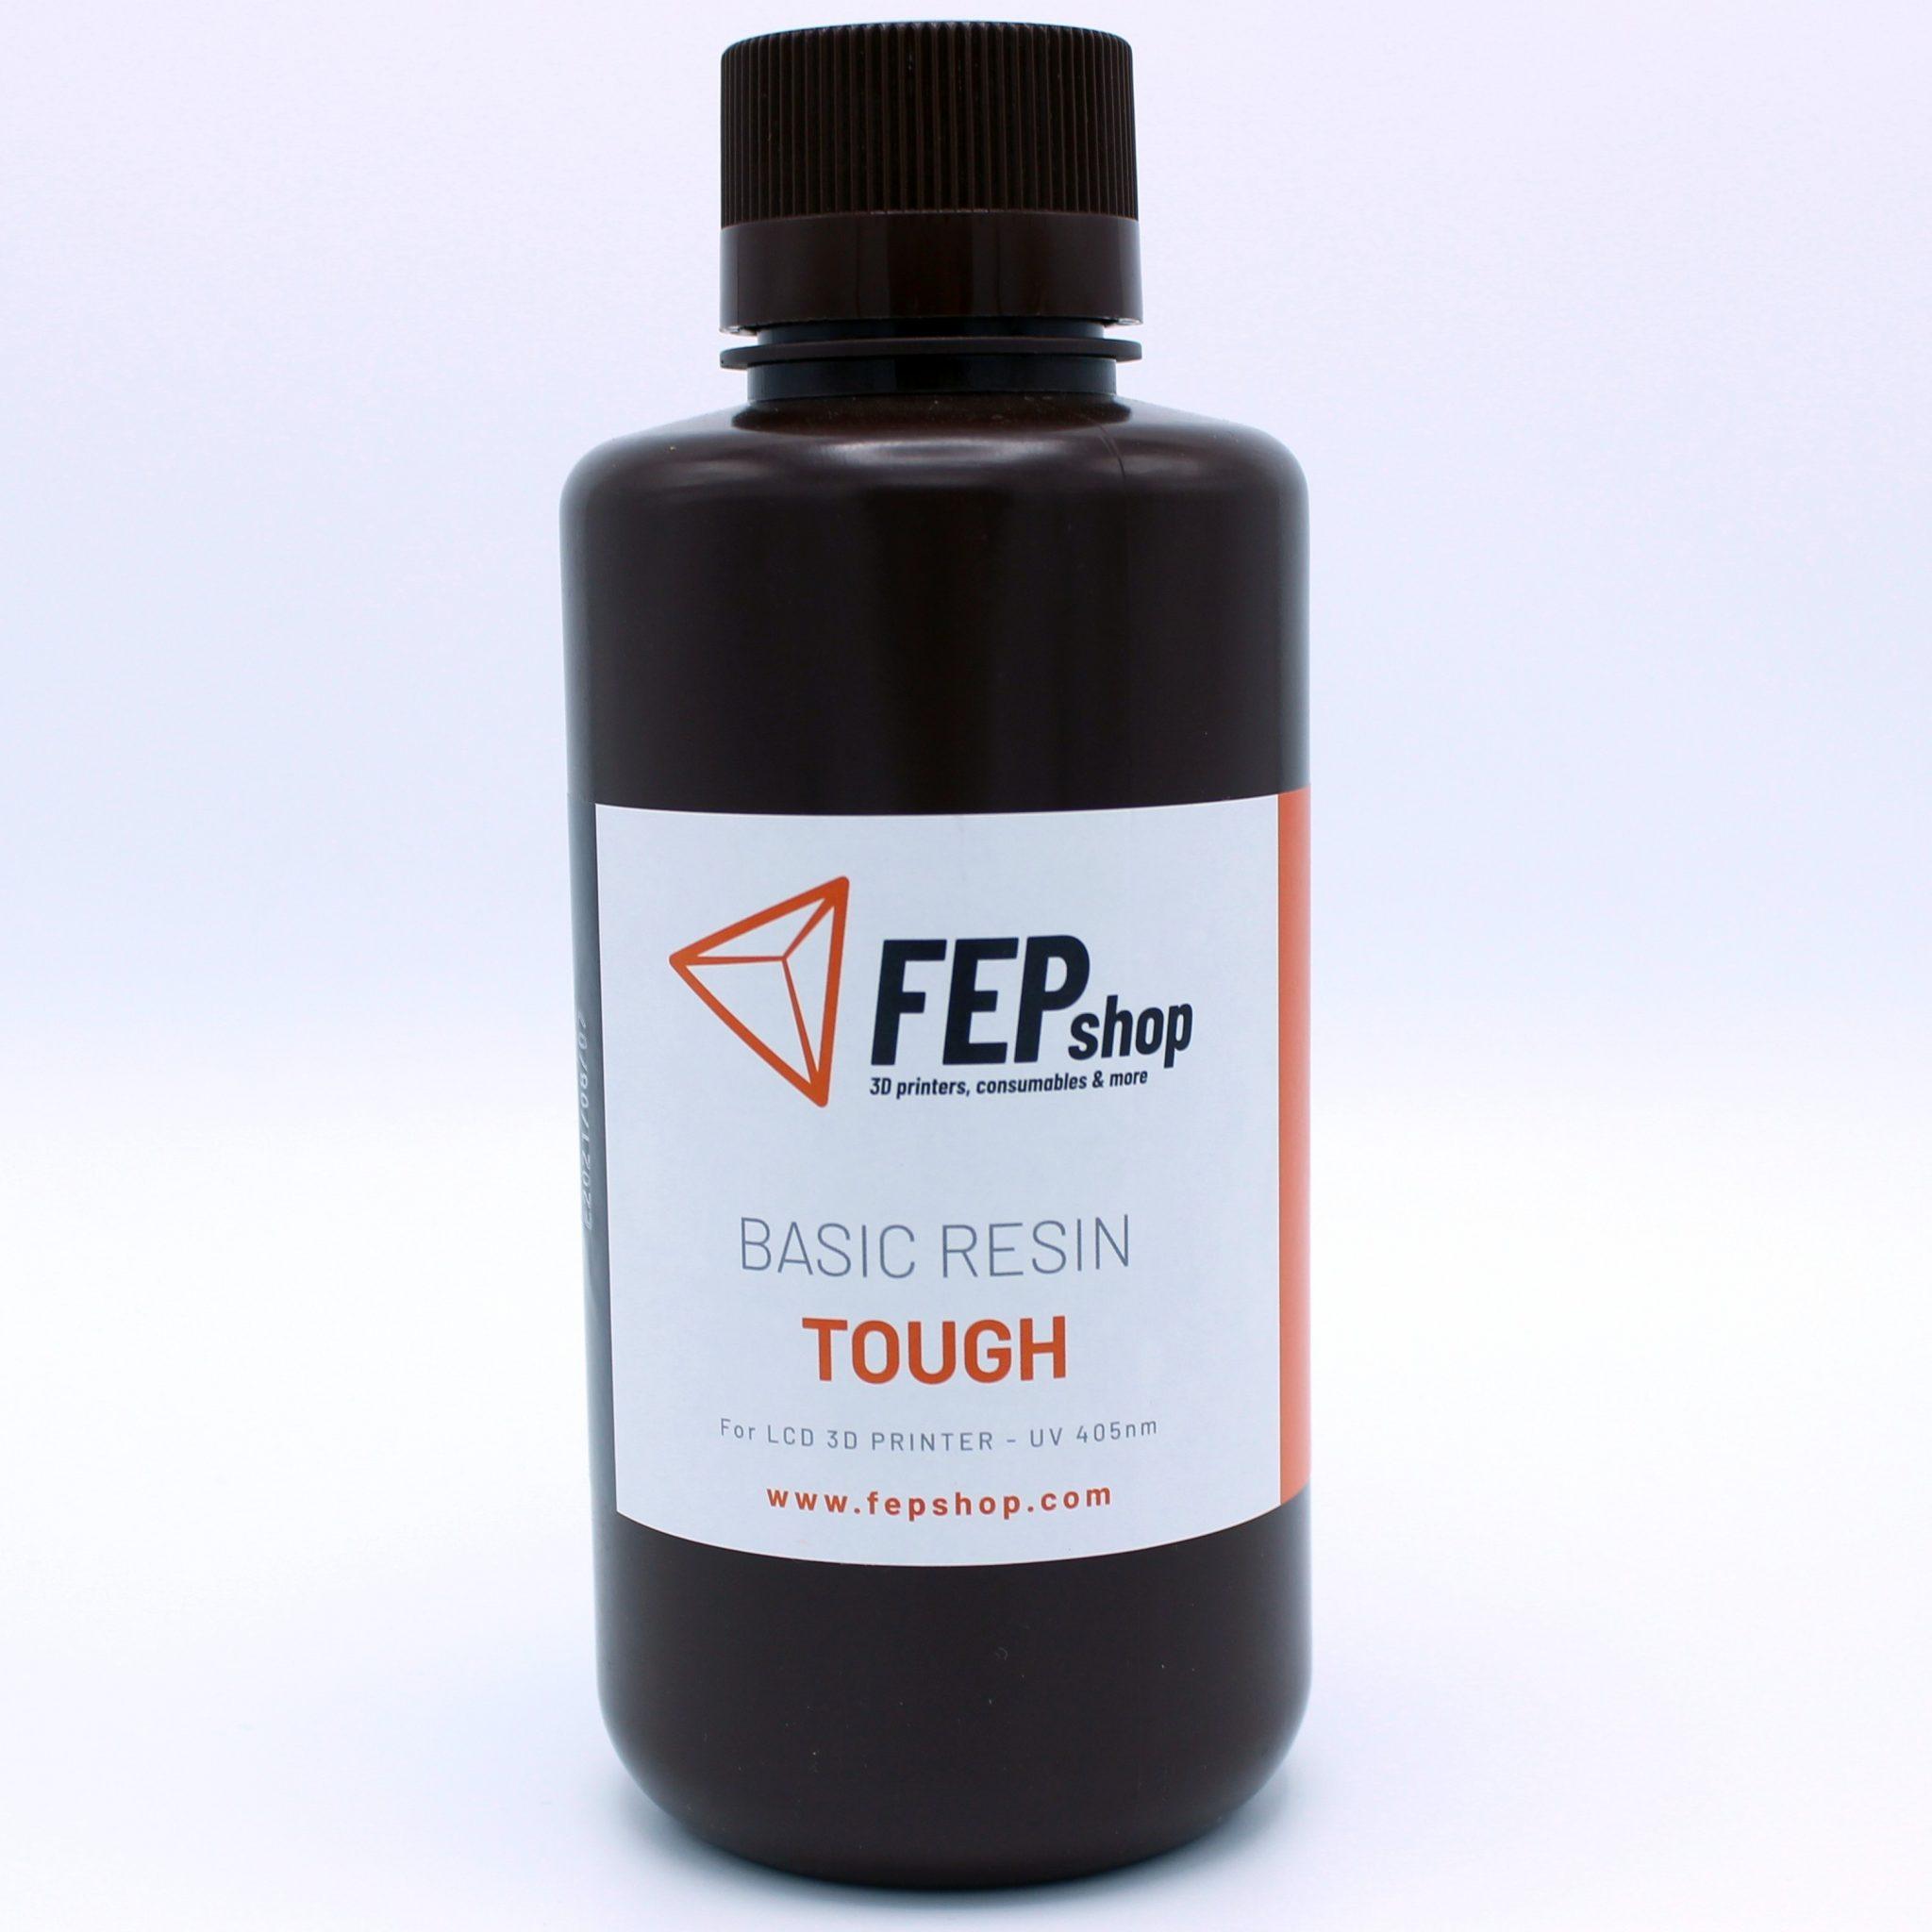 FEPshop Basic Resin – Tough